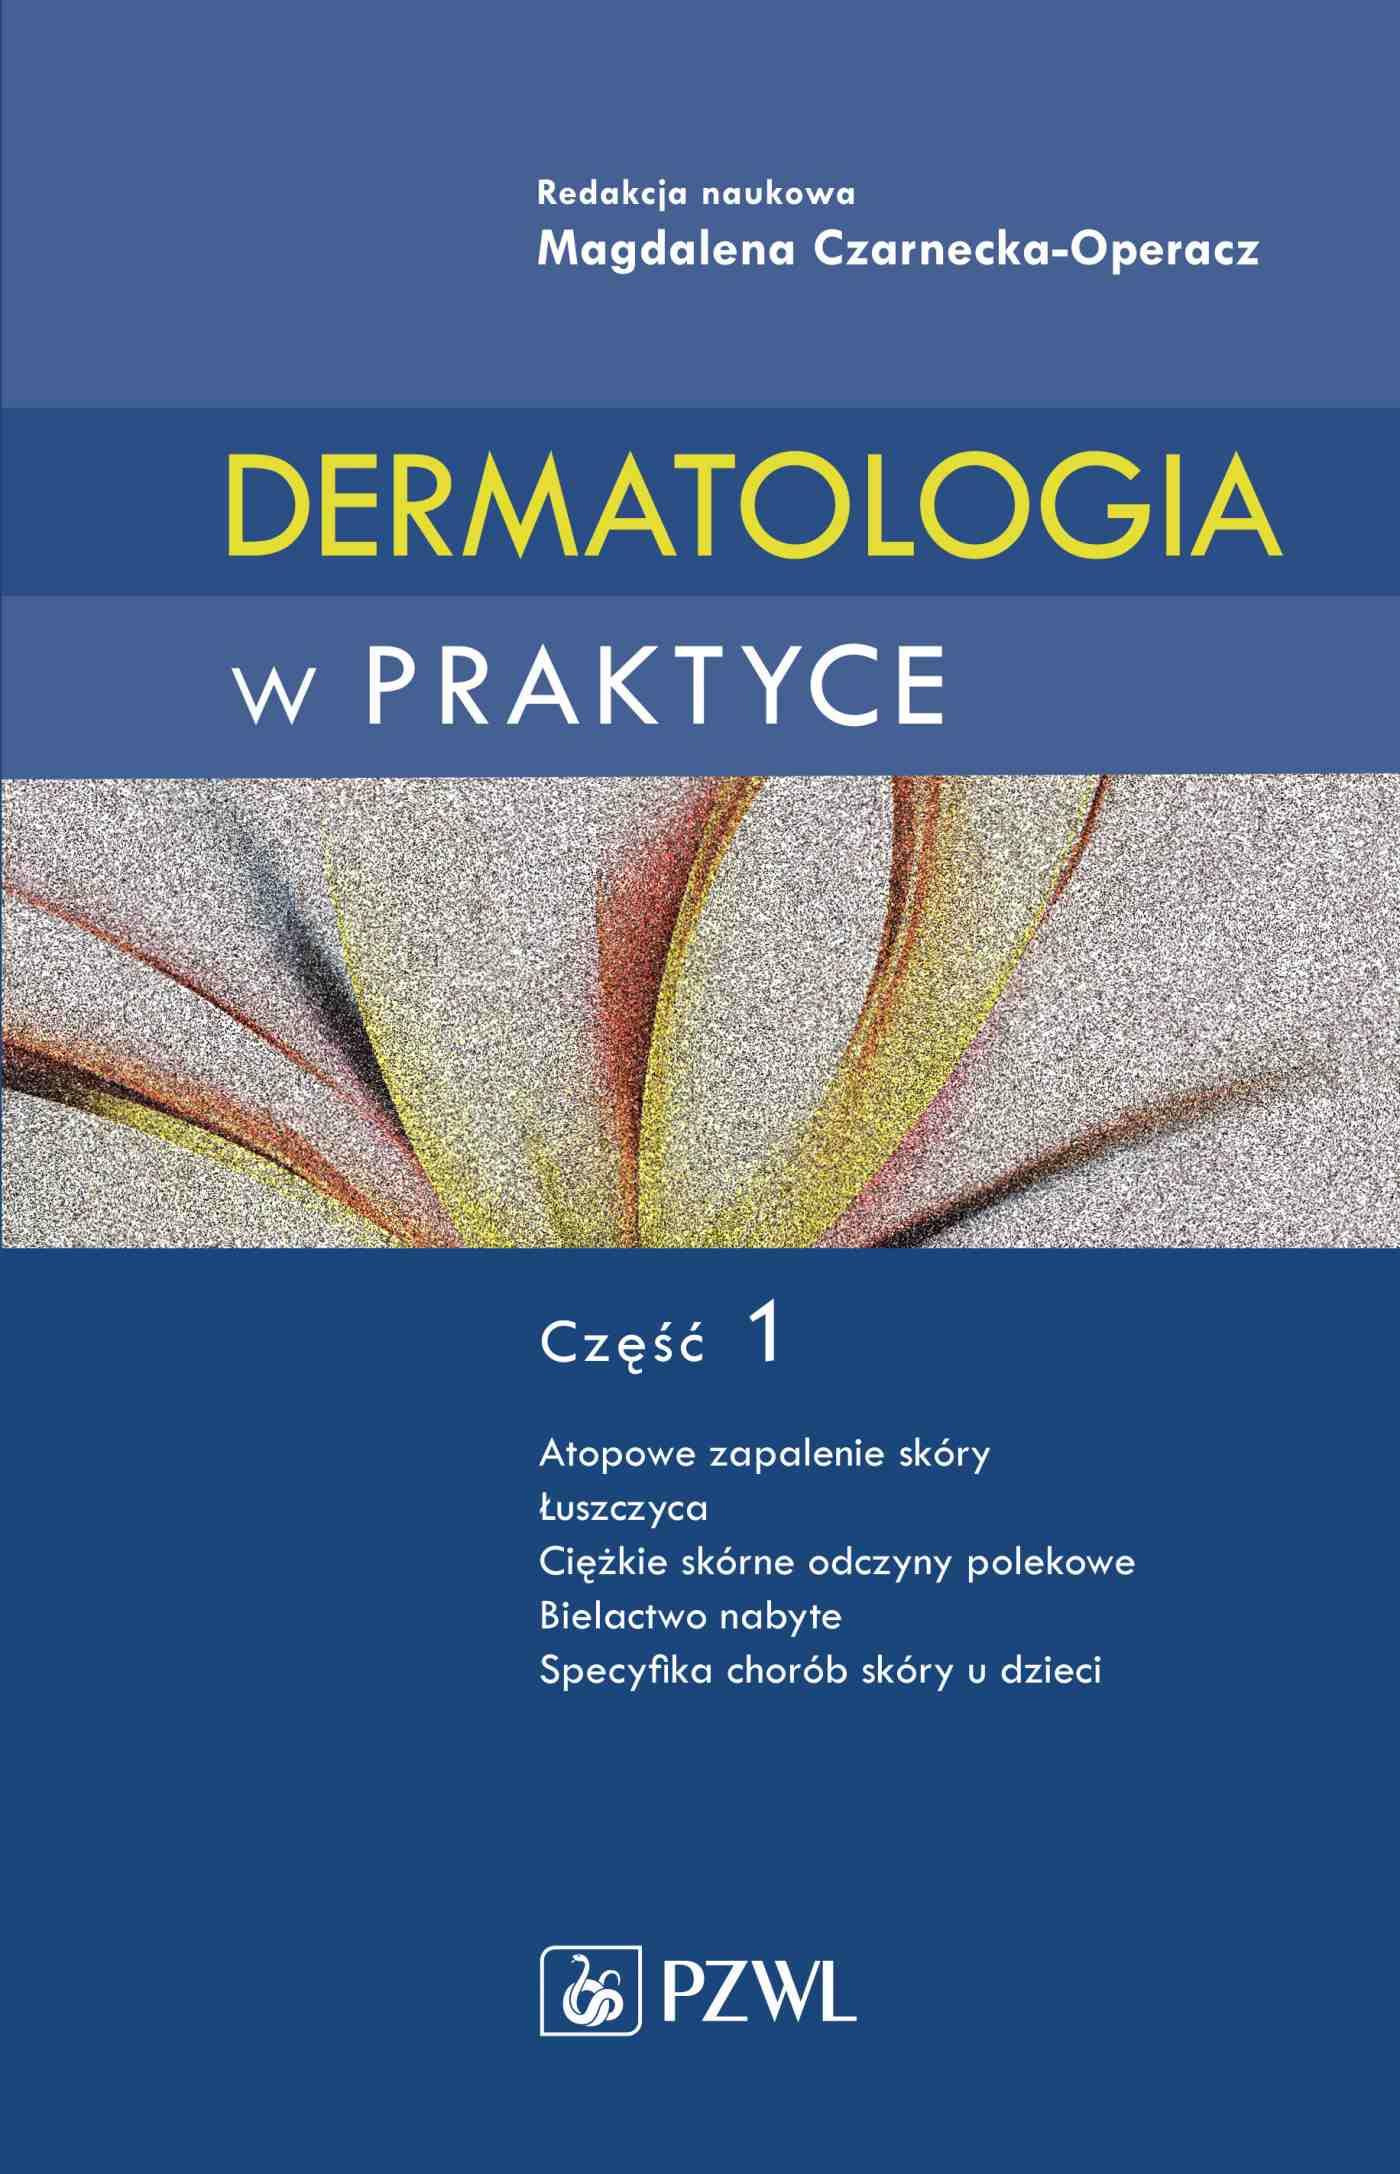 Dermatologia w praktyce. Część I - Ebook (Książka na Kindle) do pobrania w formacie MOBI